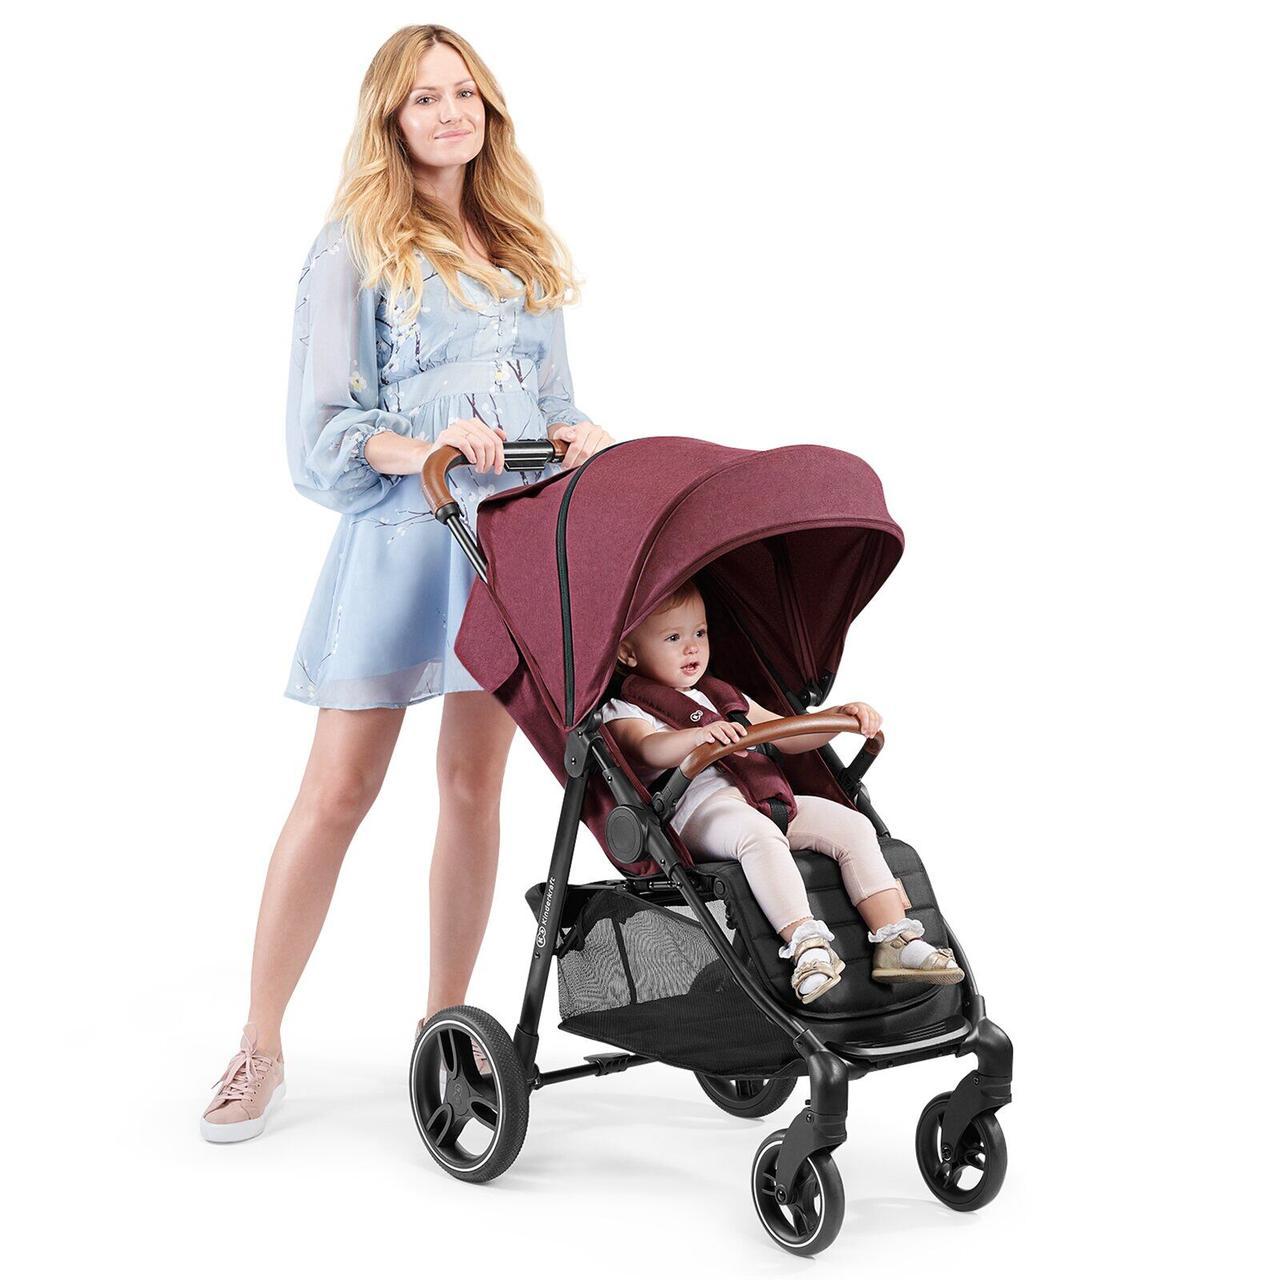 Прогулочная коляска Kinderkraft Grande 2020 Burgundy